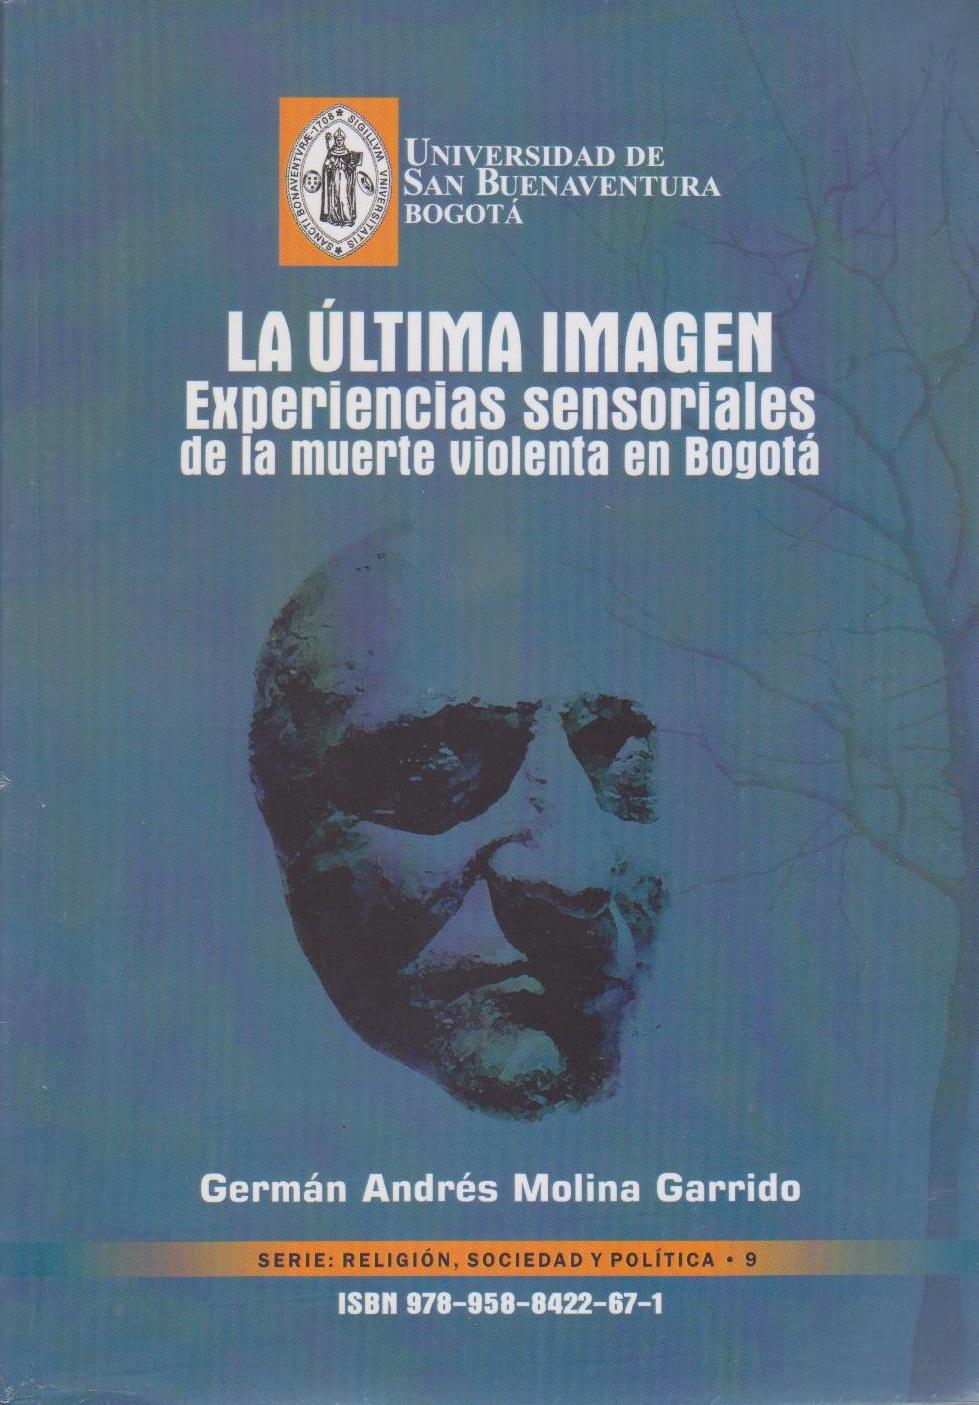 La última imagen: Experiencias sensoriales de la muerte violenta en Bogotá, livro de Germán Andrés Molina Garrido